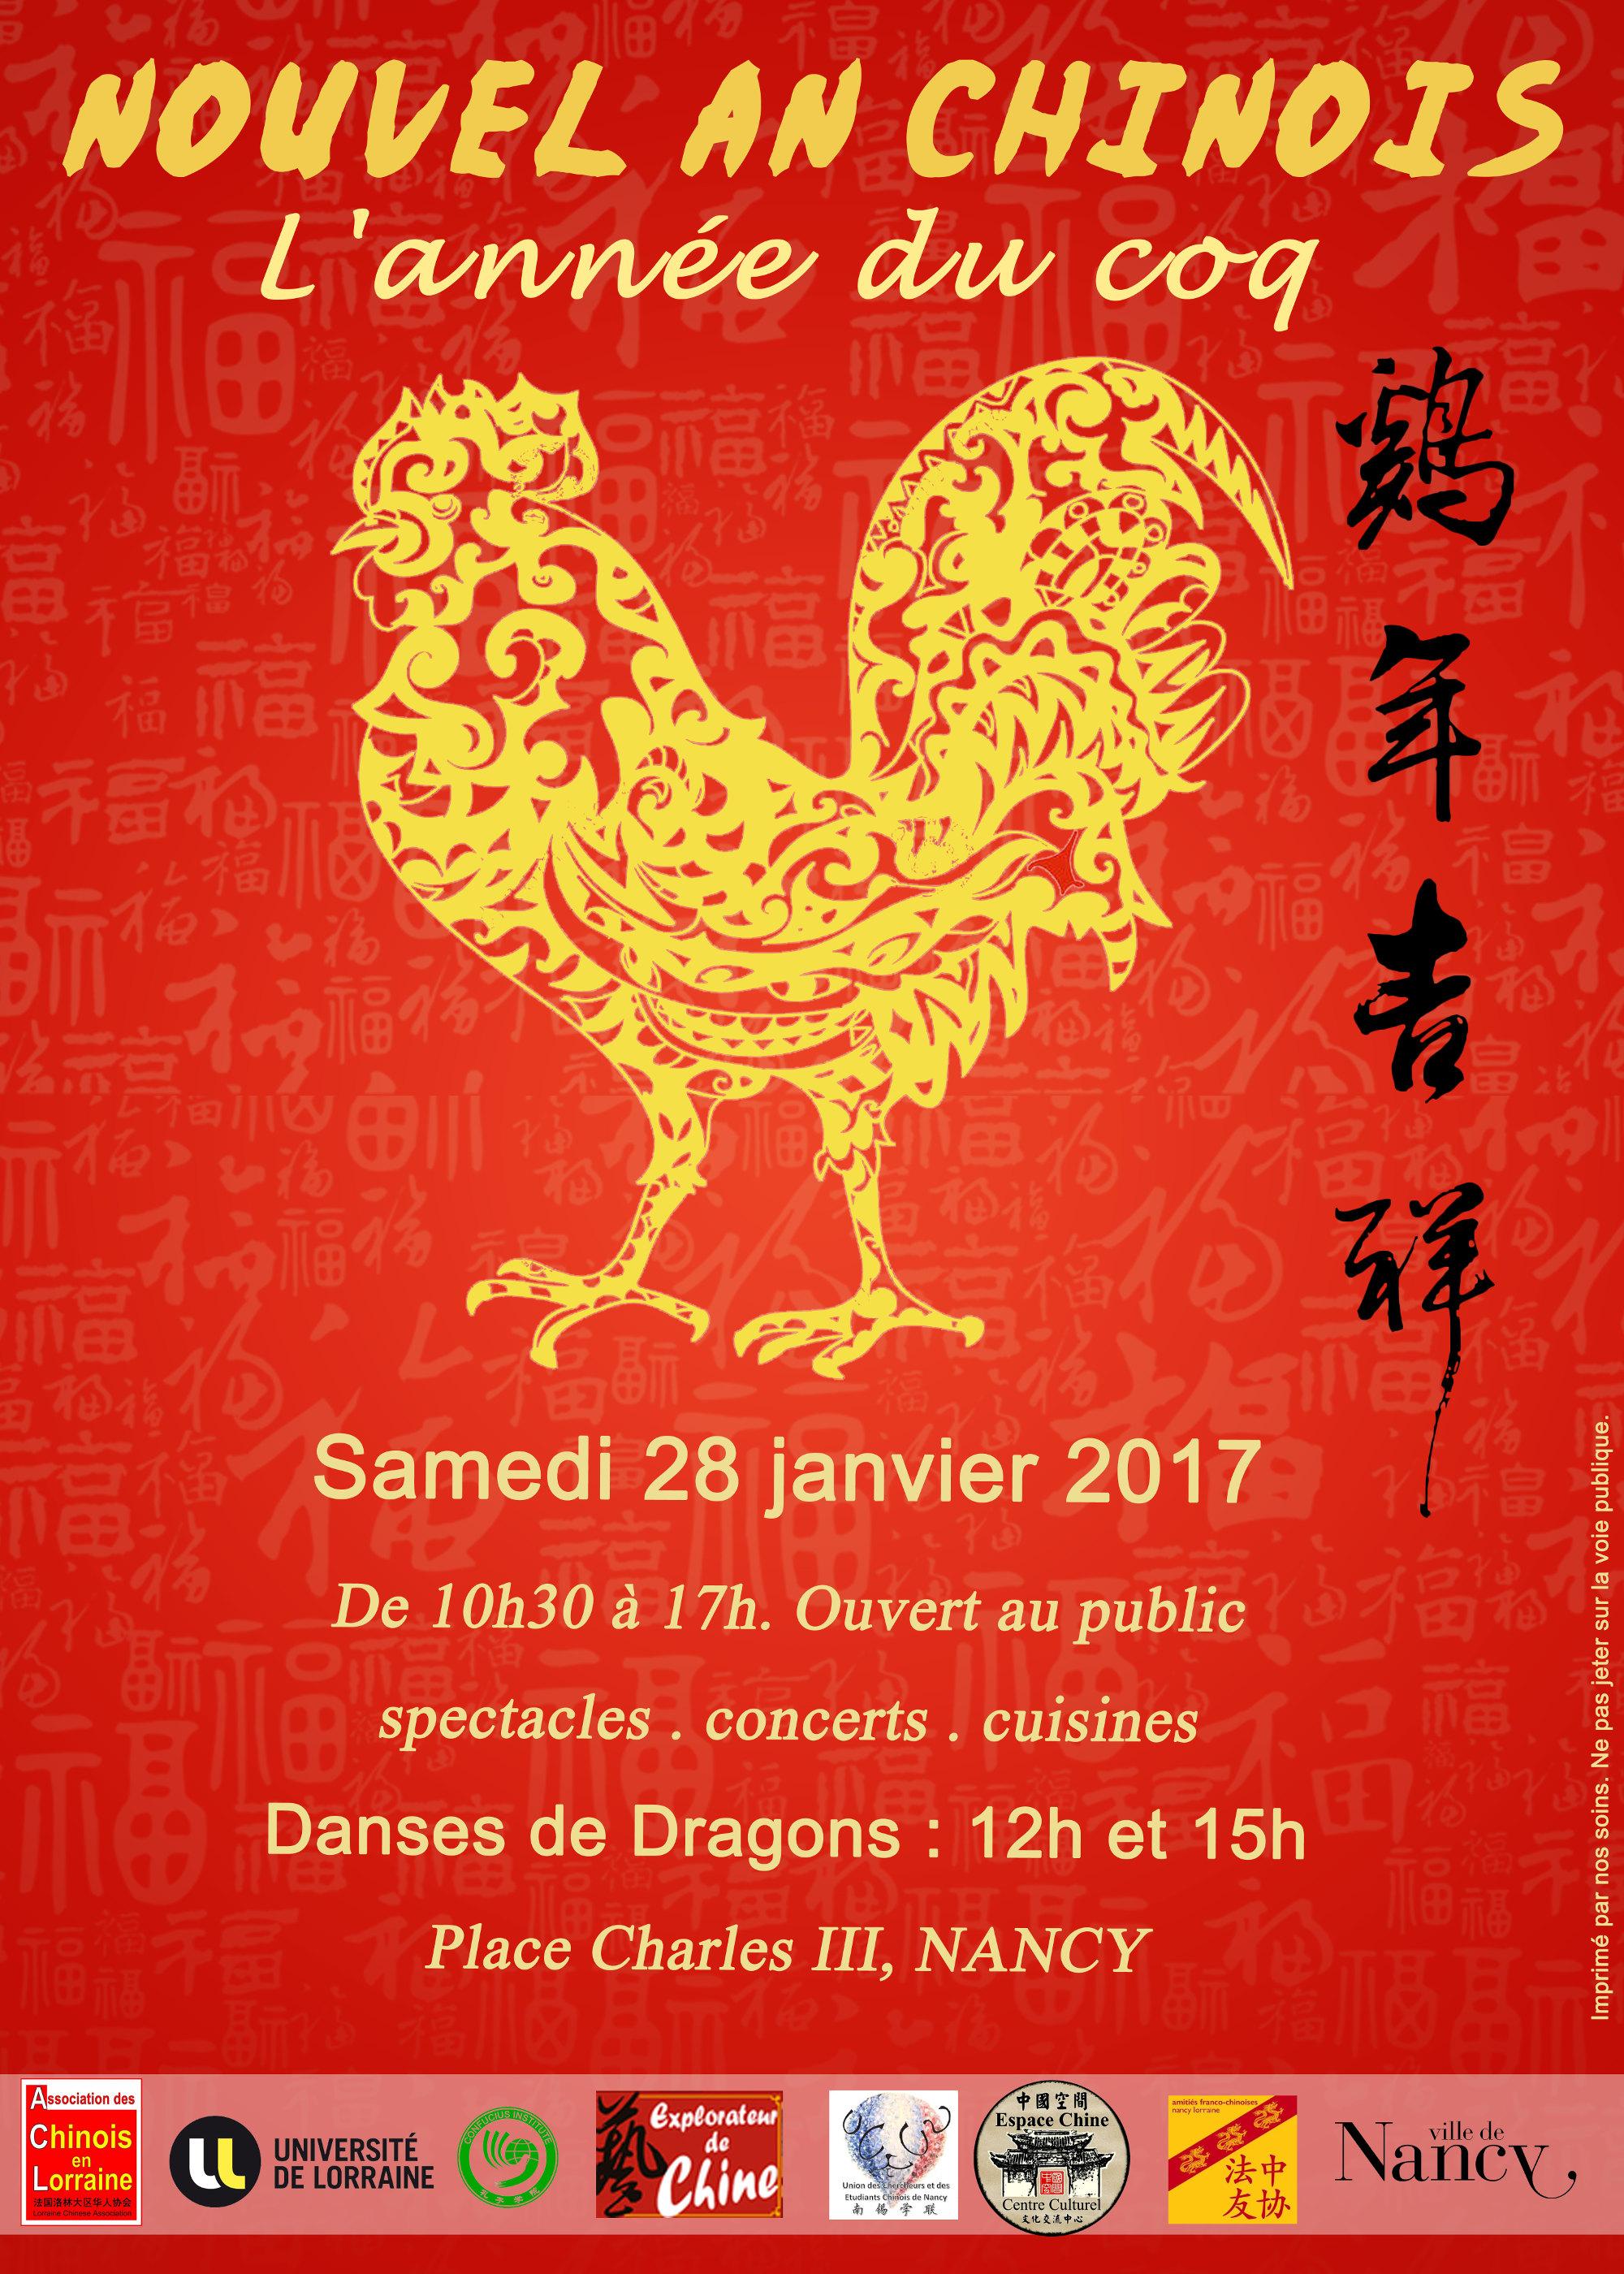 hunggarnancy-artsmartiaux-wushu-kungfu-nouvelanchinois-28janvier2017-coq